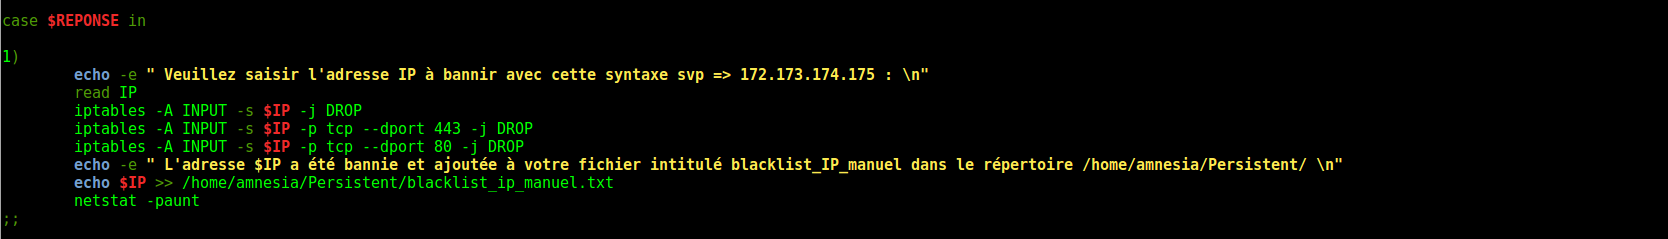 Image 59 bloc 3 exclusion IP